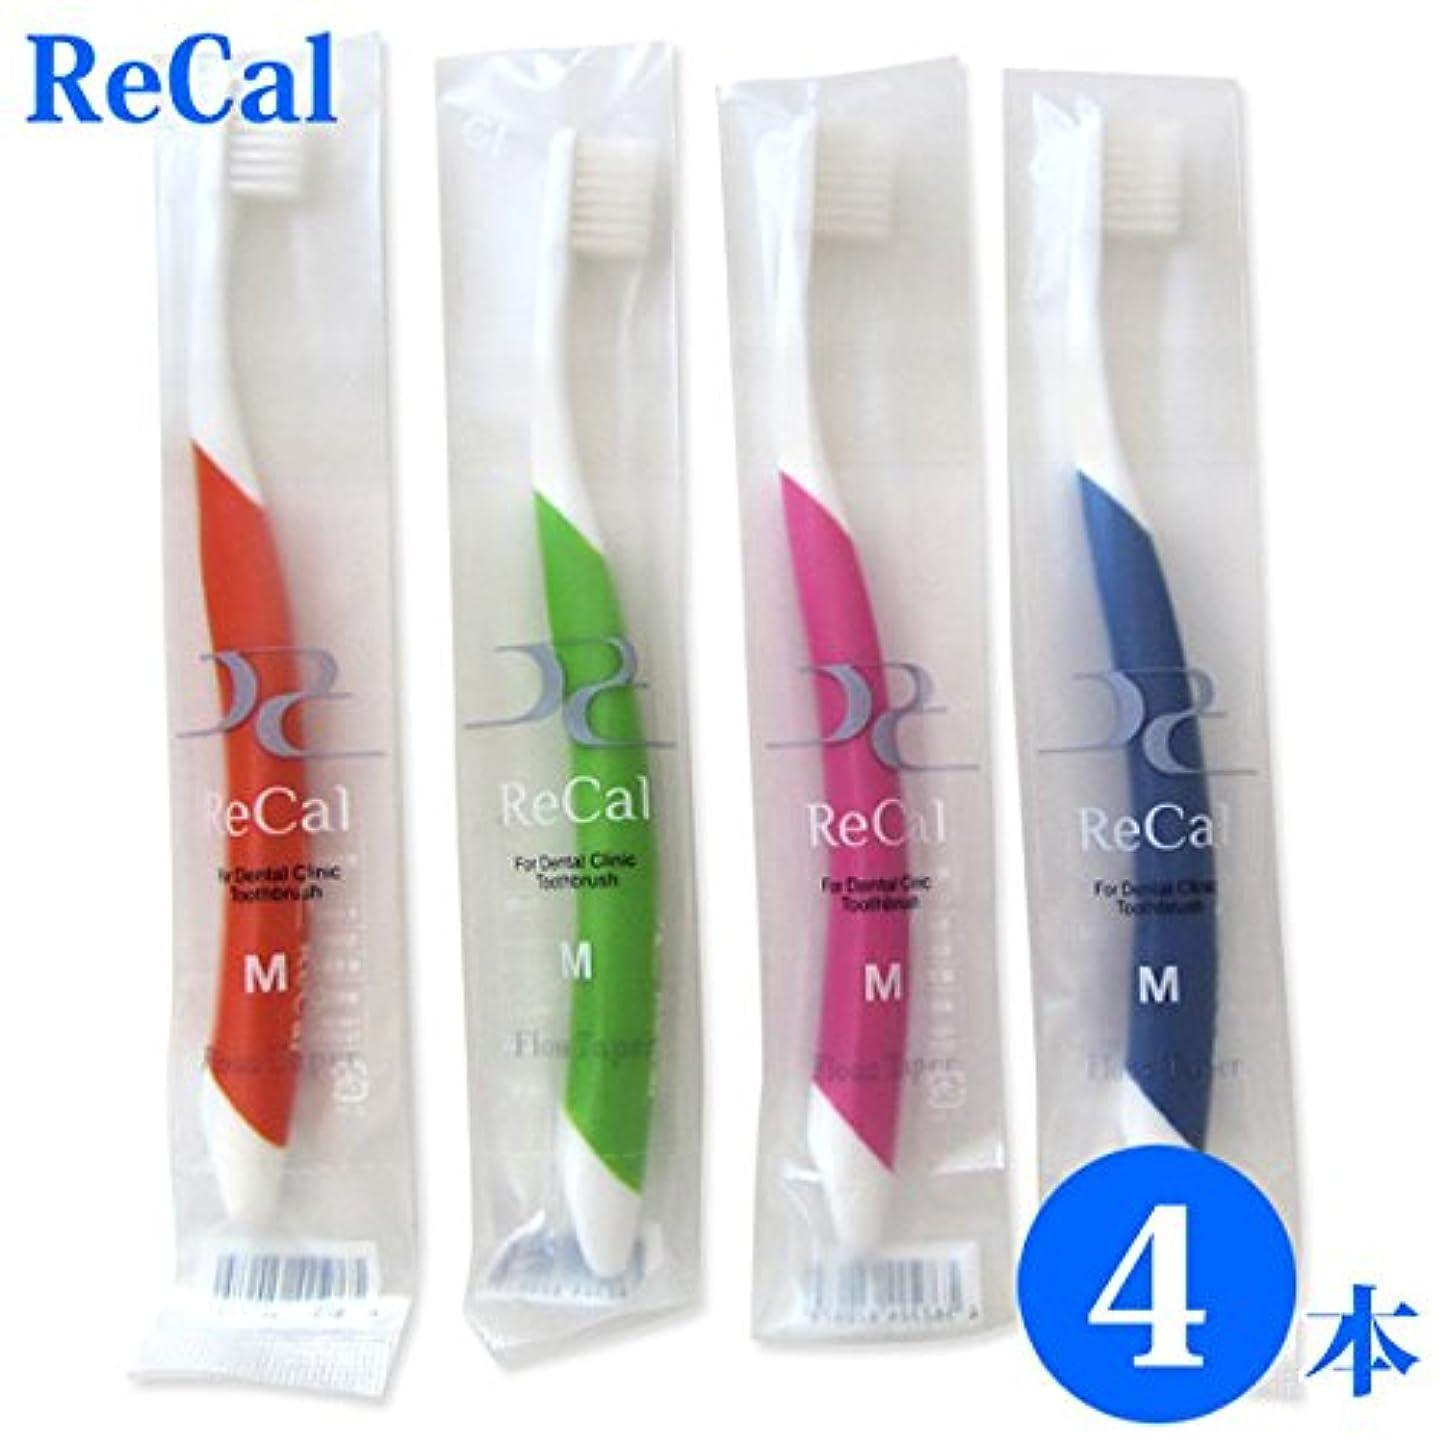 保育園時々時々実験的リカル 4色セット 歯科医院専用商品 ReCal リカル M 大人用 一般 歯ブラシ4本 場合20本ま